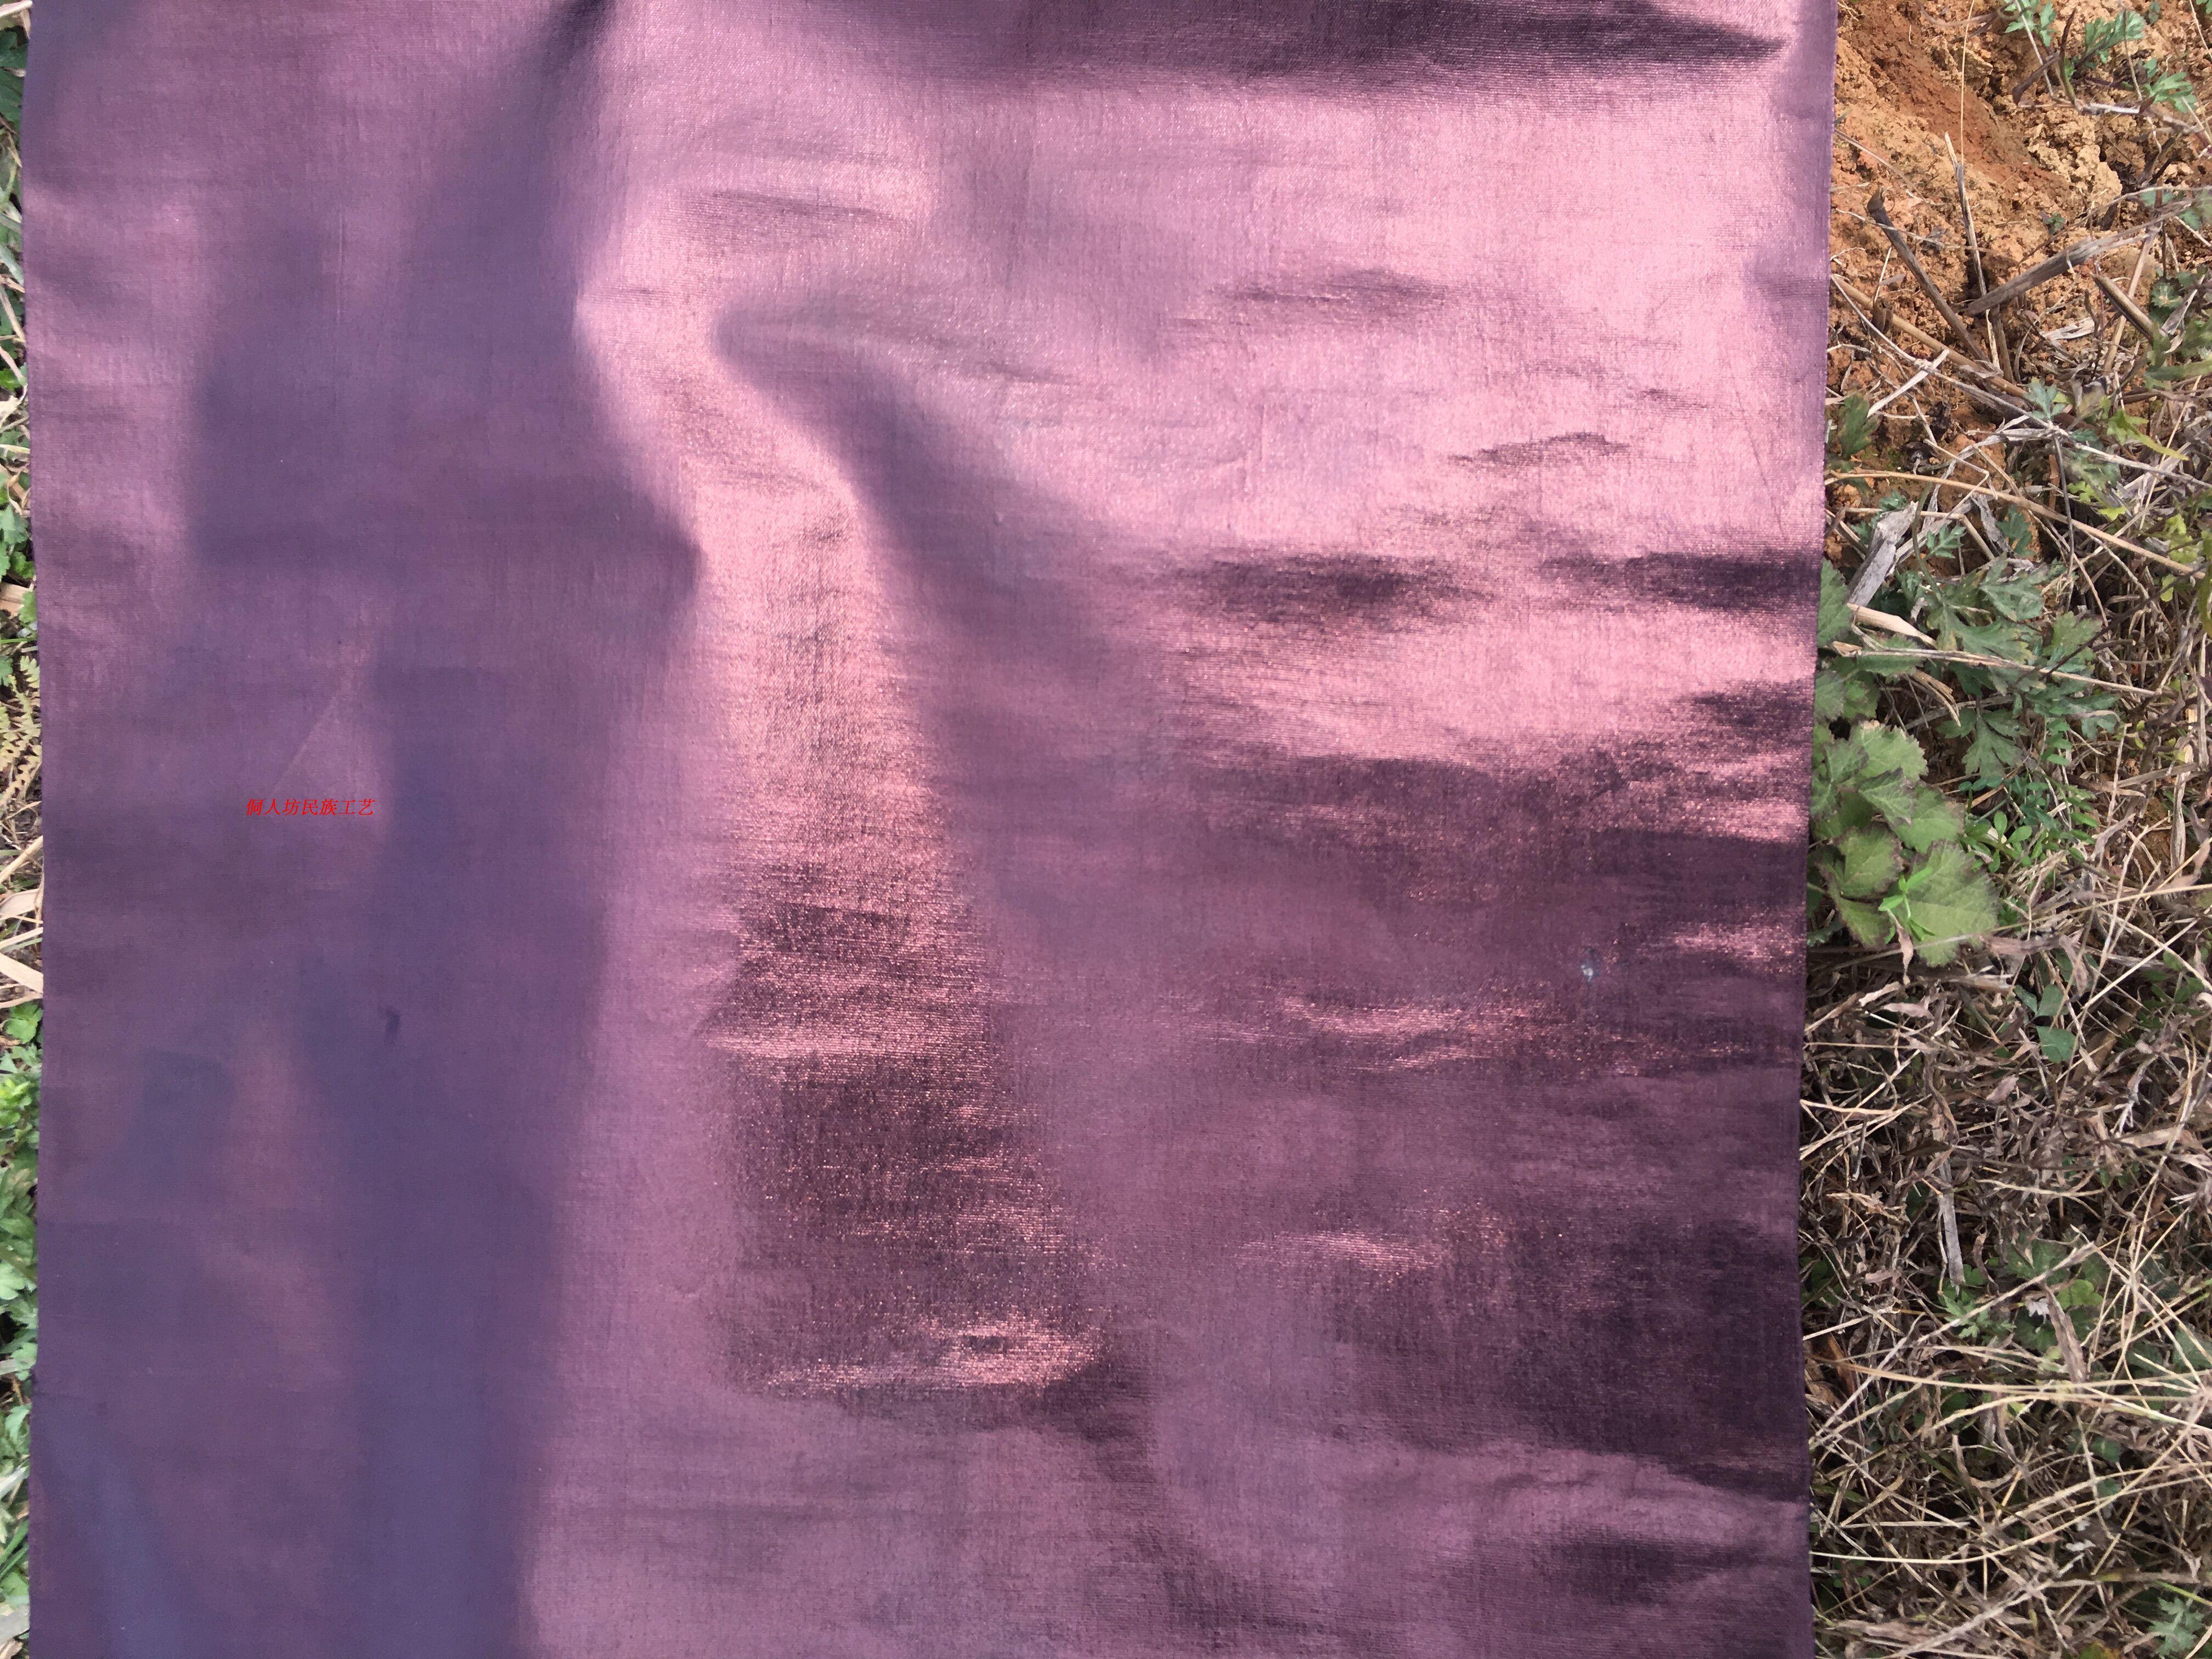 Новый Dong человек место Dong ткань меньше количество народ ткань handwoven ткань люди между старый земля ткань рассада гонка сильный гонка ткань в соответствии с гонка характеристика